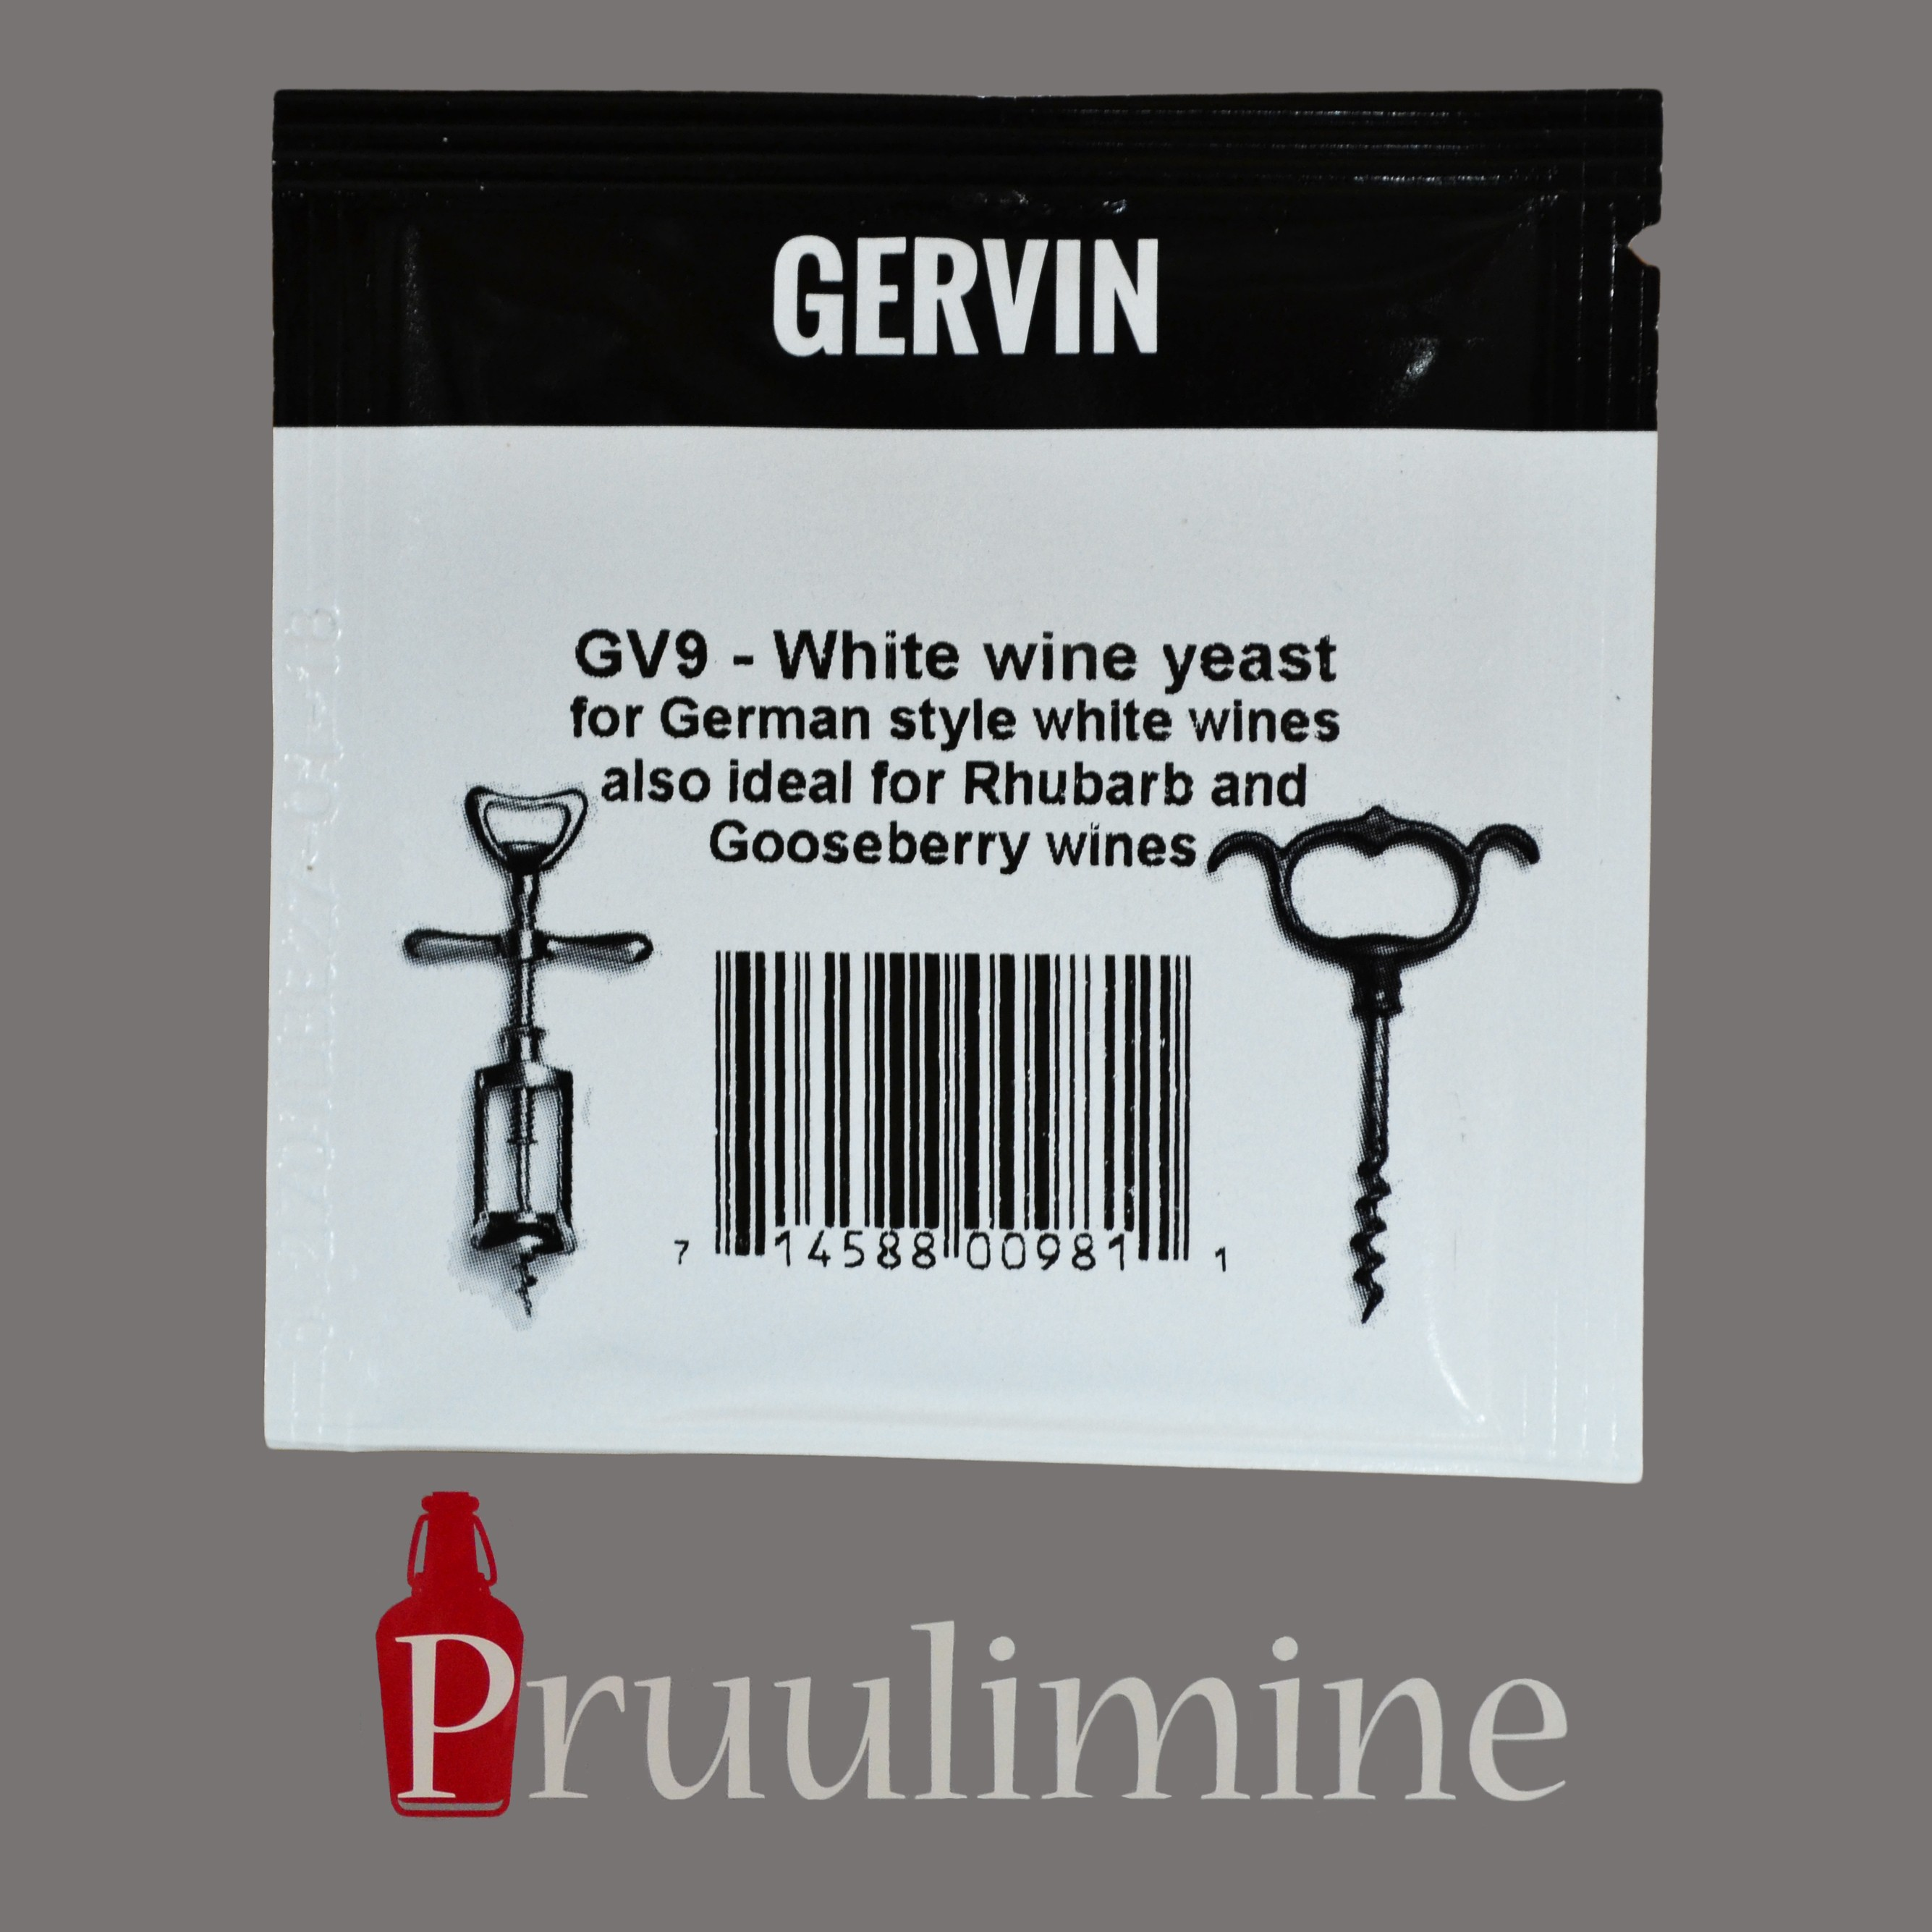 GV9 - White wine yeast